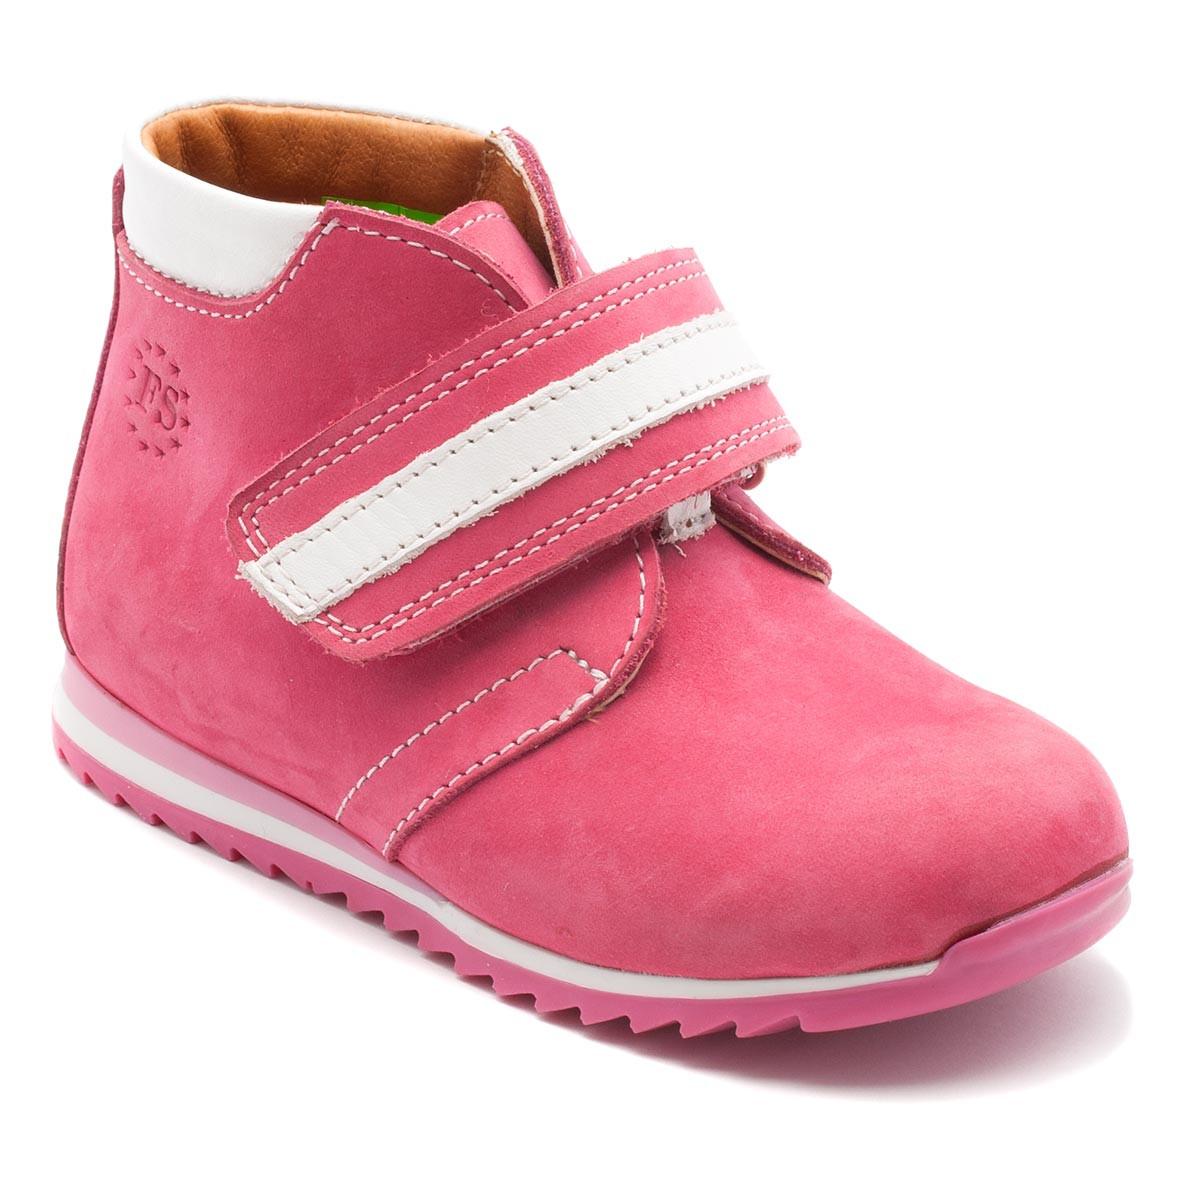 Кожаные ботинки FS Сollection для девочки, демисезонные, размер 21-30